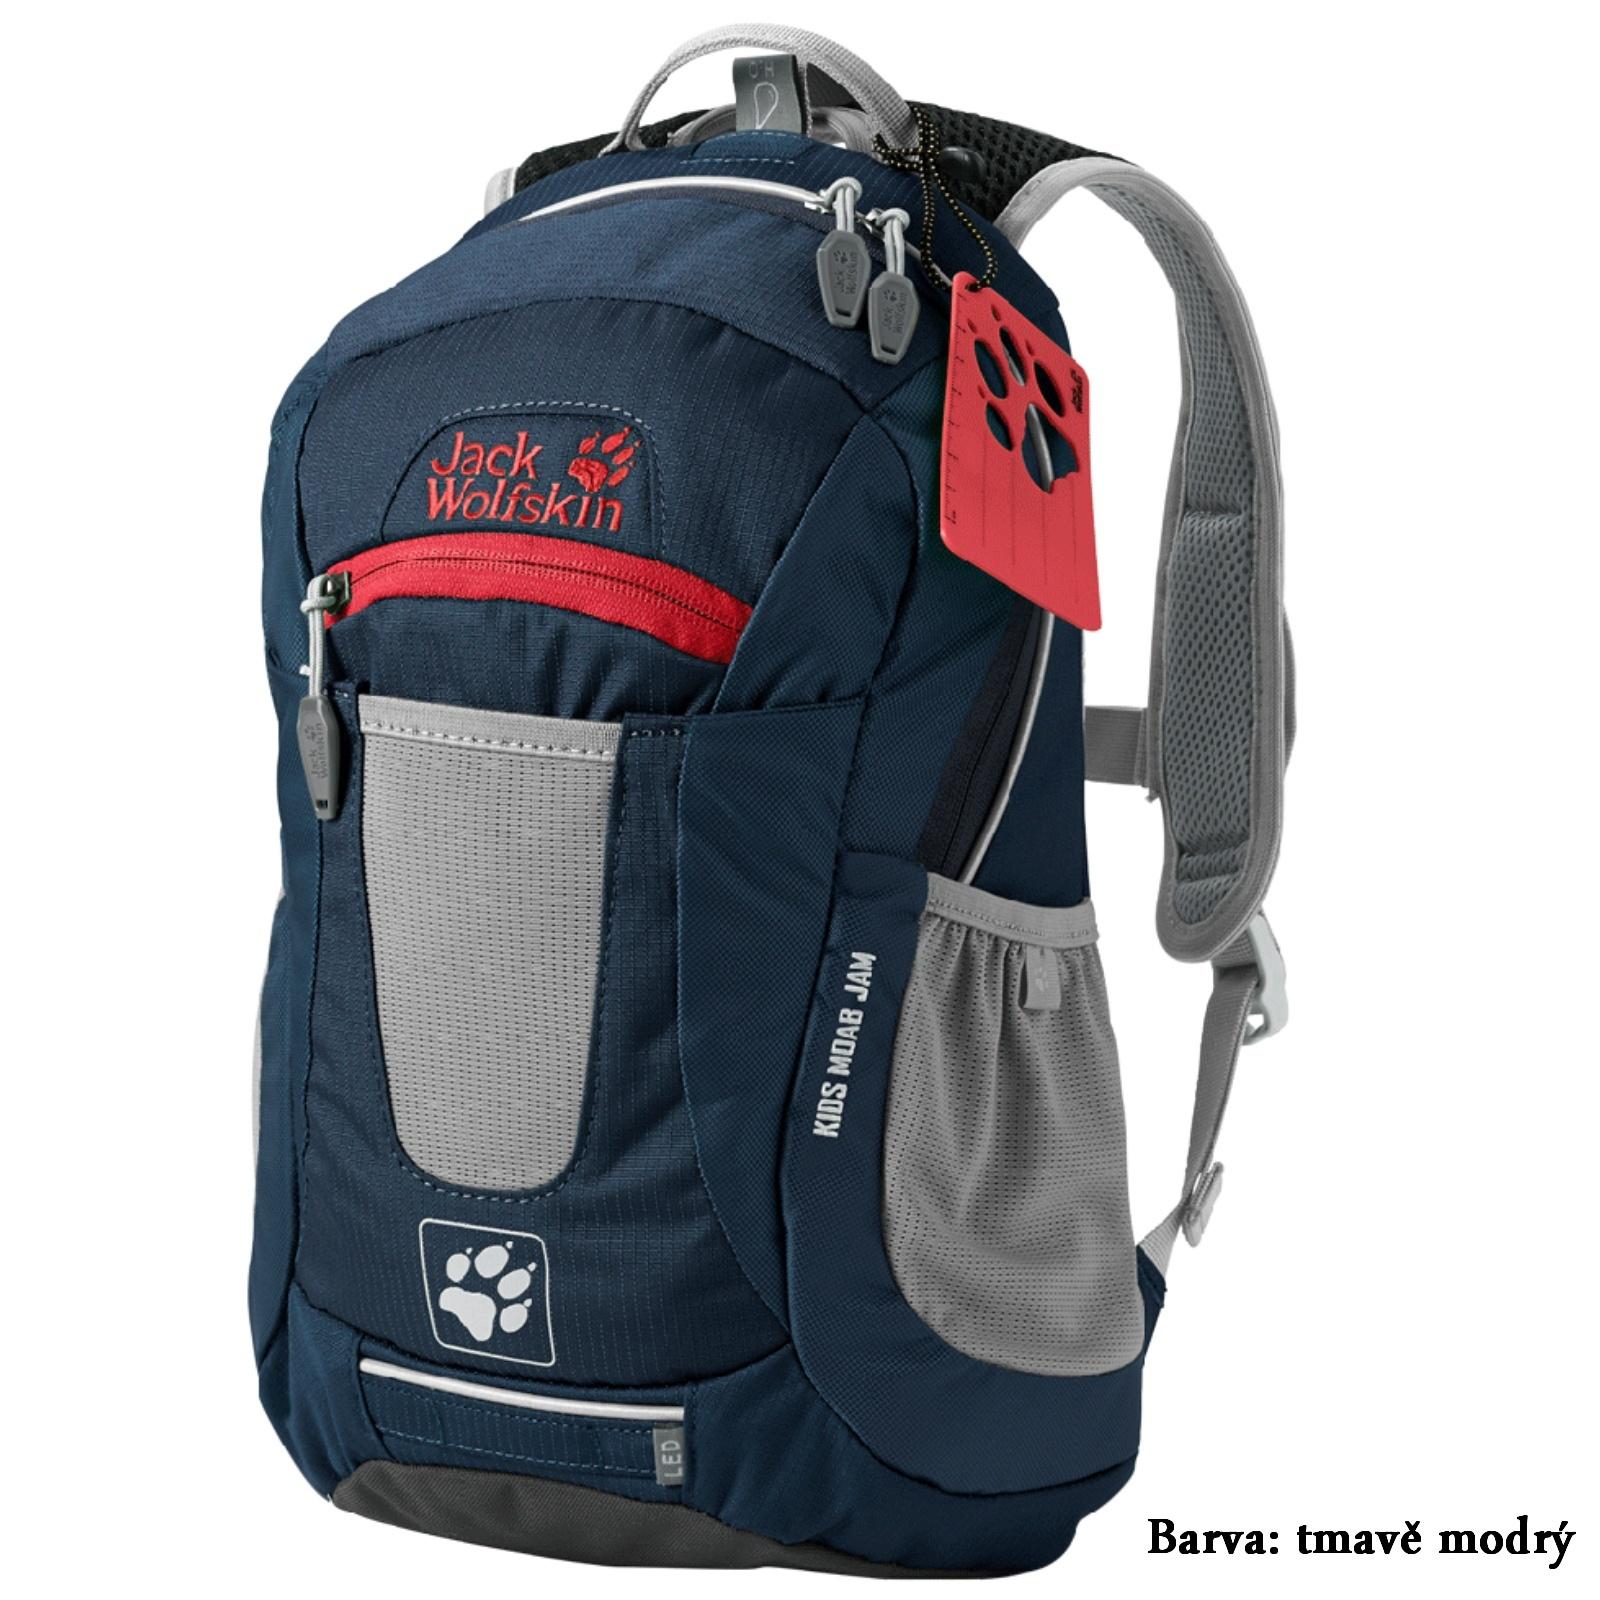 Dětský sportovní batoh JACK WOLFSKIN Moab Jam - tmavě modrý